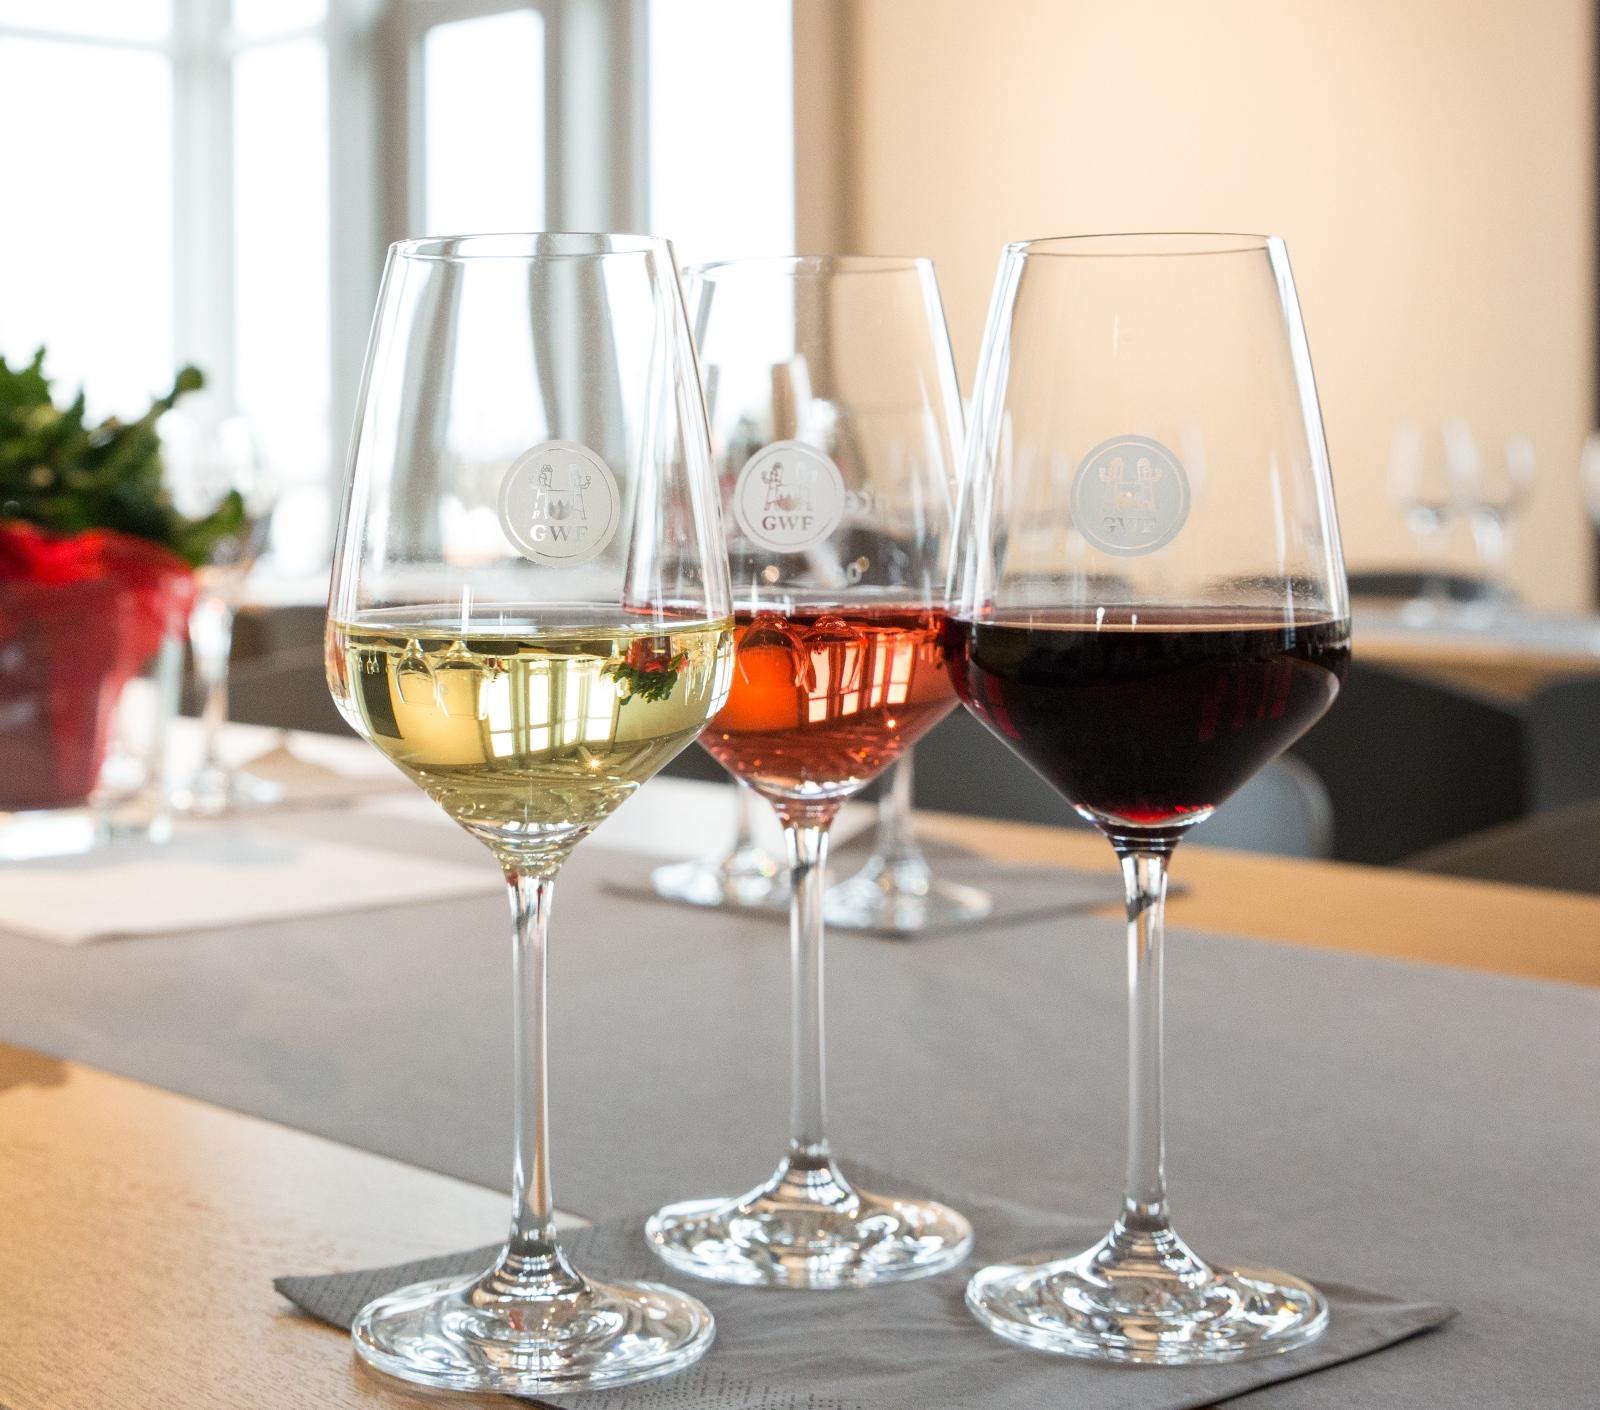 Blick auf ein Arrangement von Weinen zur Weinprobe in der GWF Mainschleifenvinothek